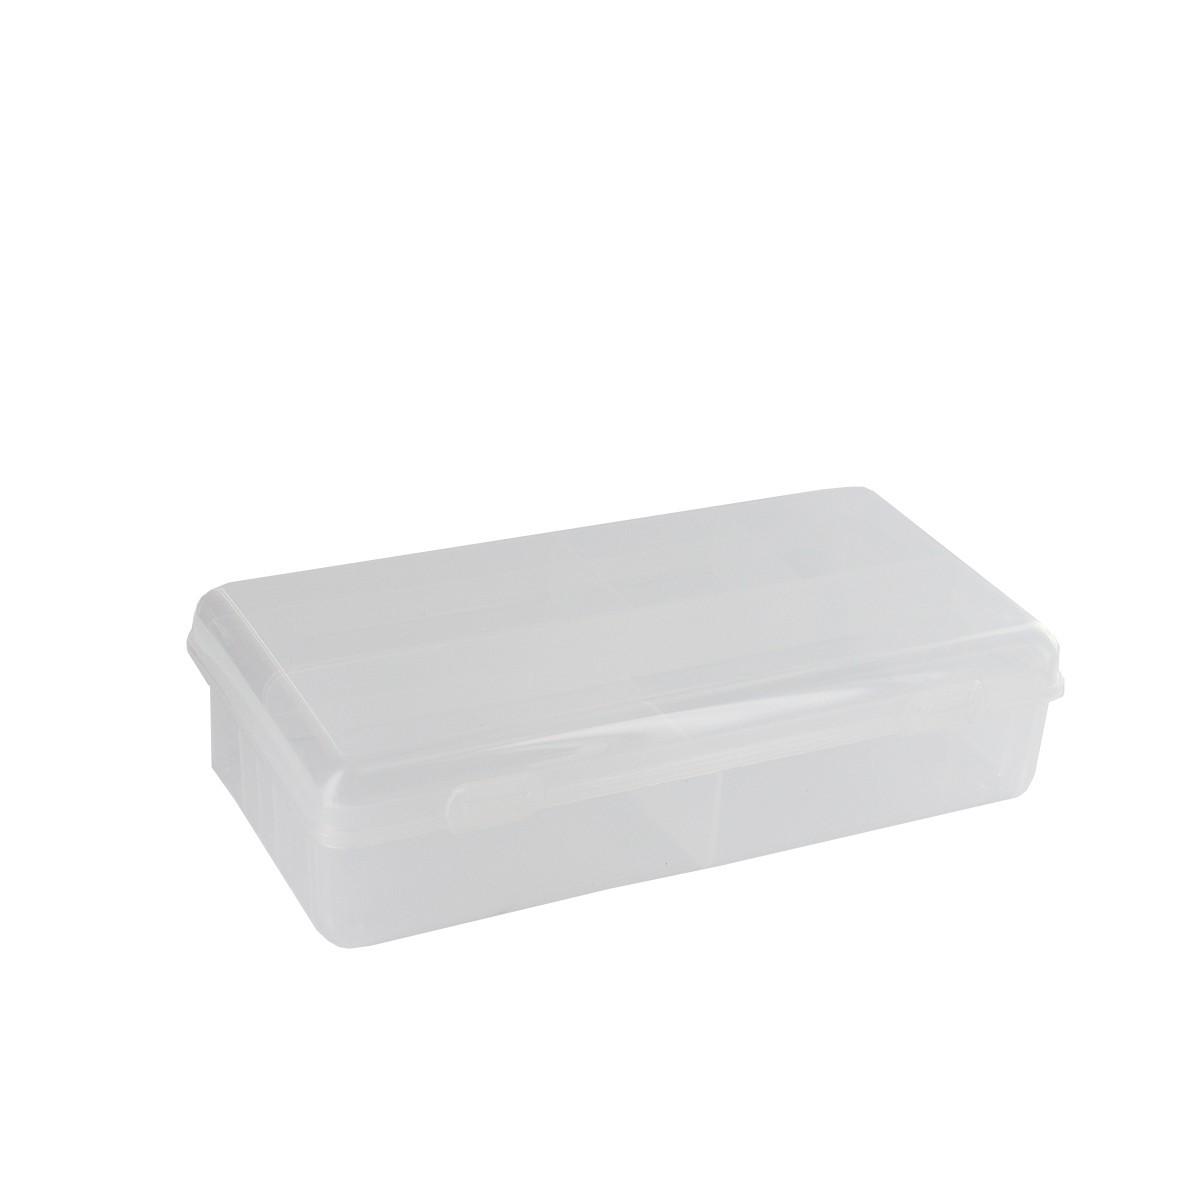 boites rangement plastique gifi id e inspirante pour la conception de la maison. Black Bedroom Furniture Sets. Home Design Ideas